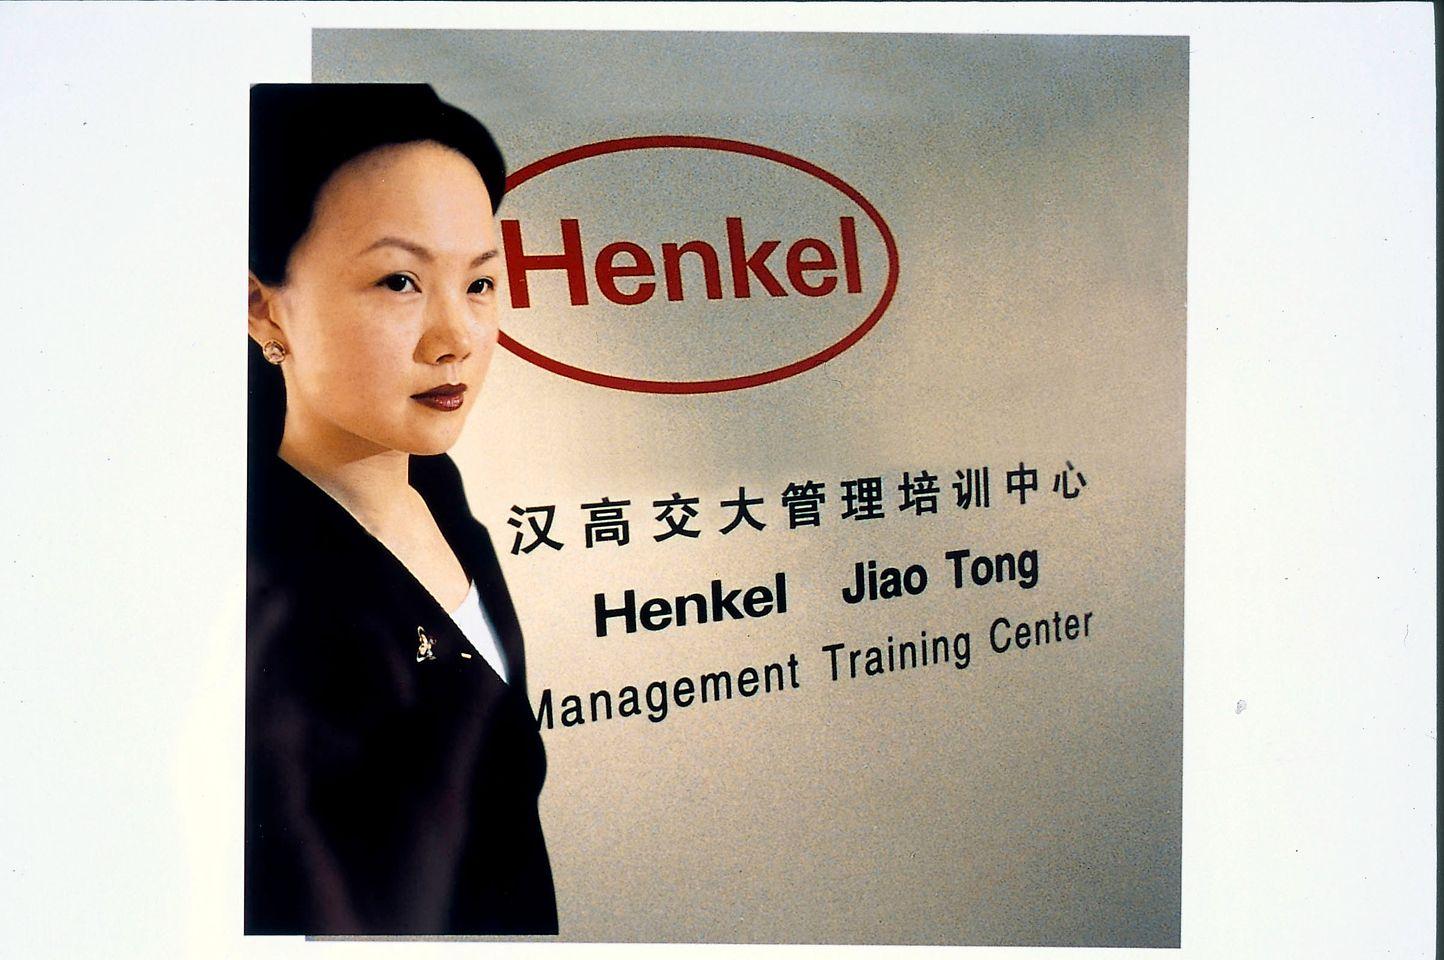 1997-henkel-jiao-tong.jpg